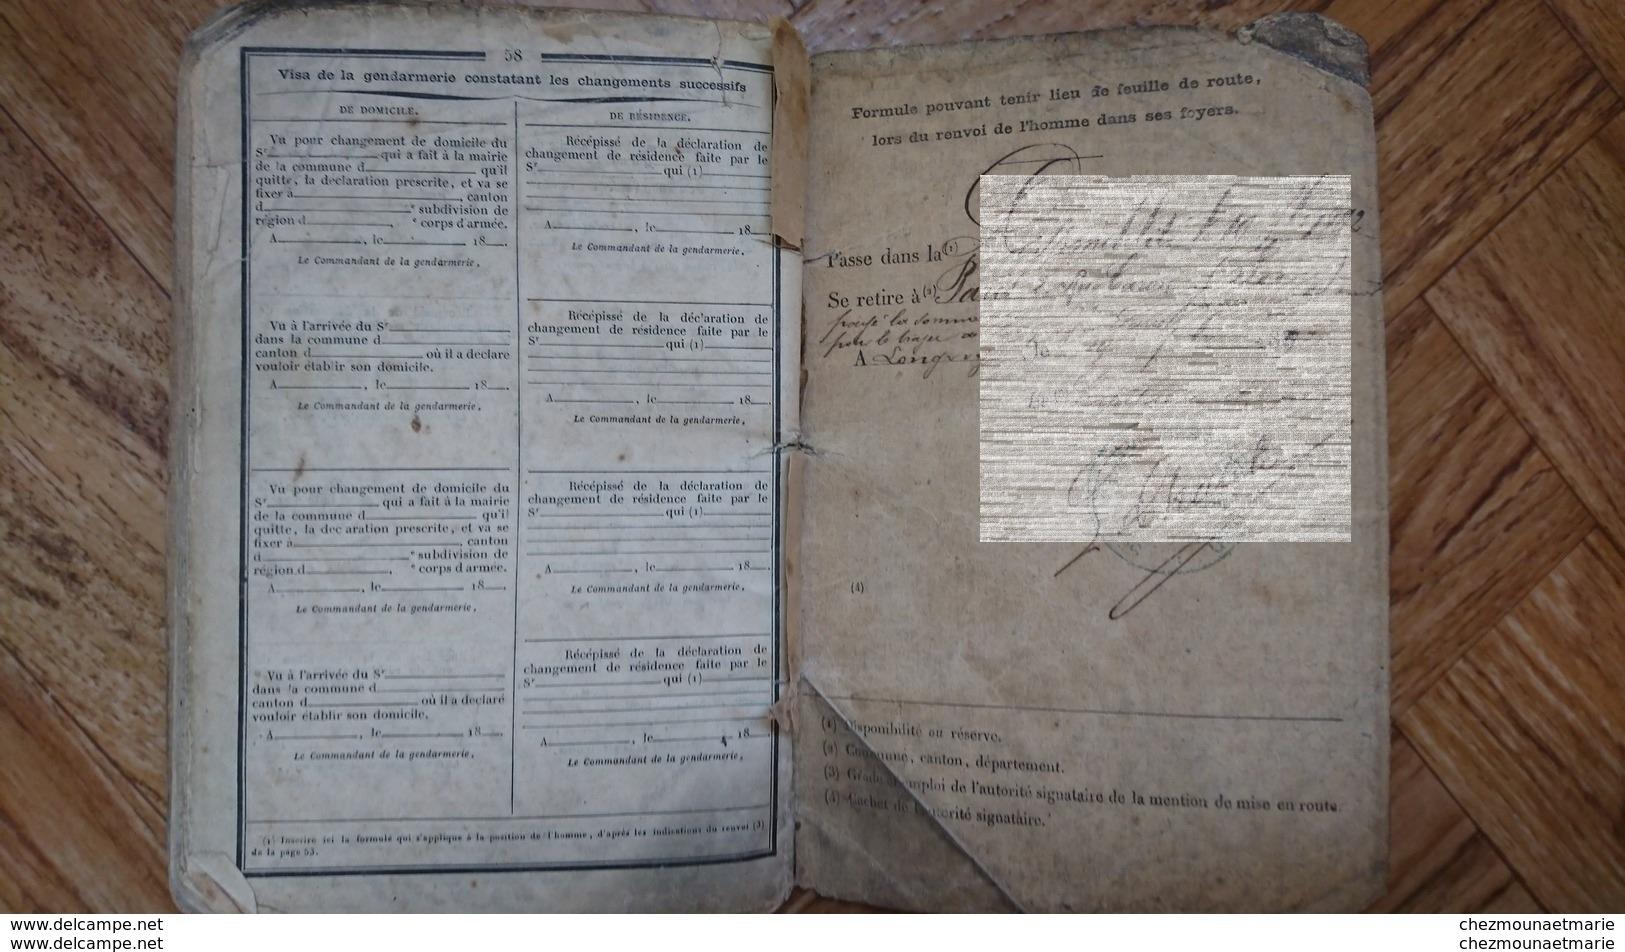 SYLVAIN SOFFER PARIS CONFESSION JUIVE JUIF MERE CAHEN EPOUX BAUMANN BCP EPERNAY LONGWY CL 1888 LIVRET MILITAIRE - Documents Historiques